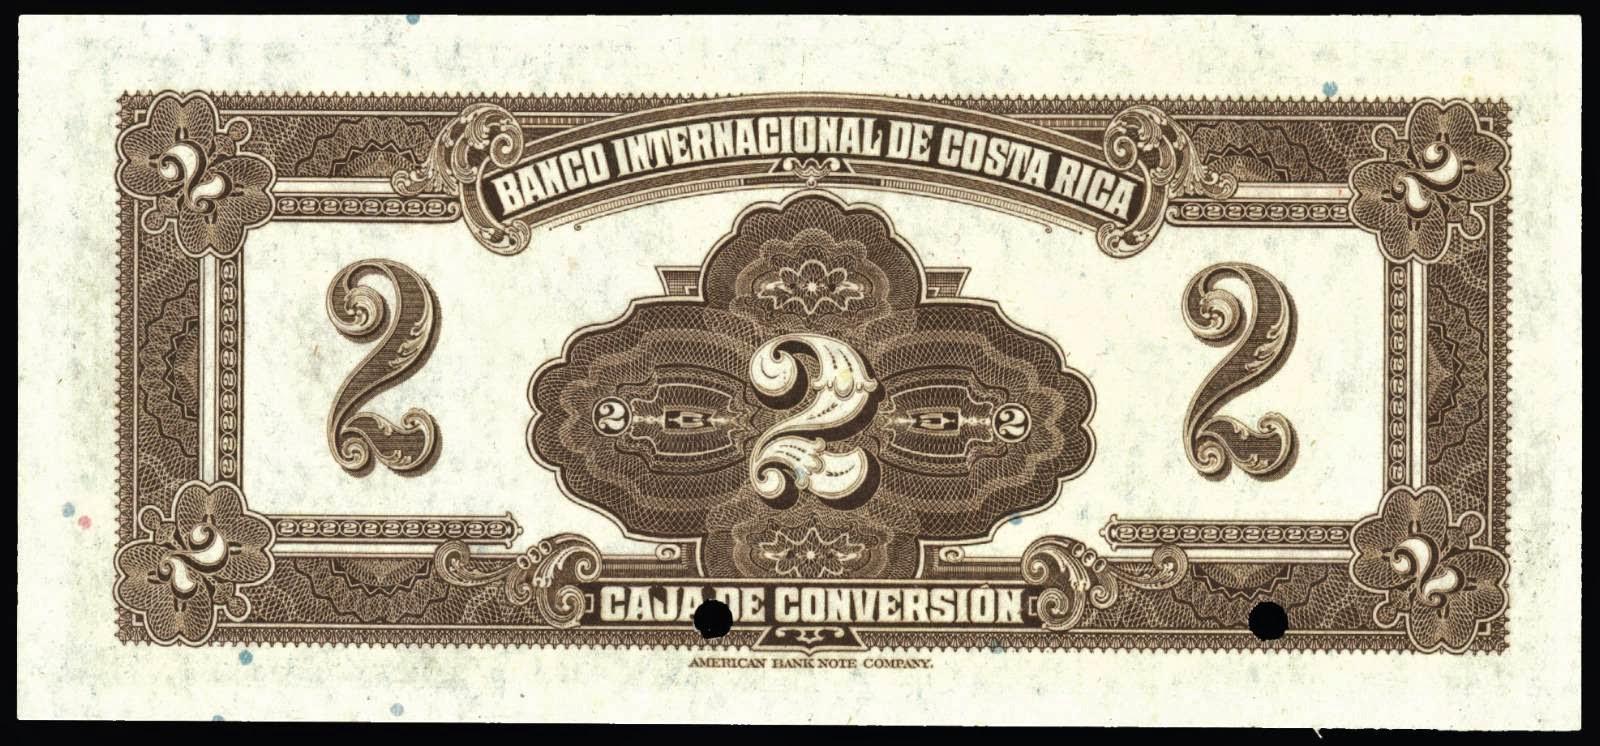 Costa Rica 2 Colones banknote 1924 Banco Internacional de Costa Rica